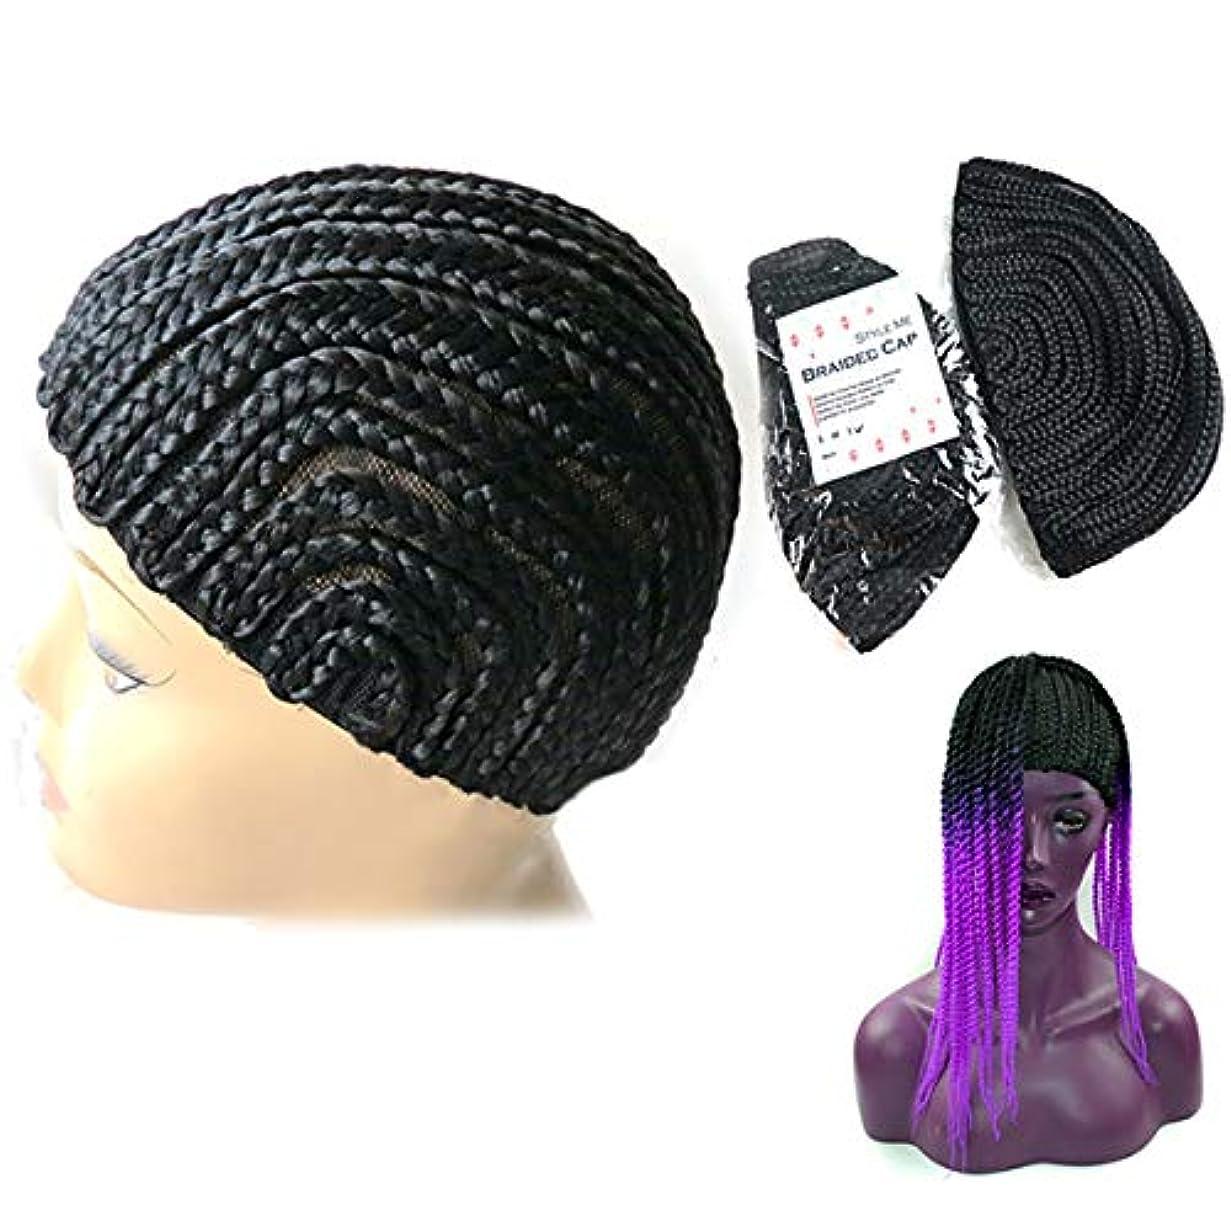 でる前任者ワイドYZUEYT 弾性コーンローウィッグキャップ調節可能なかぎ針編み織りキャップレースヘアネットヘアスタイリングツール YZUEYT (Size : One size)